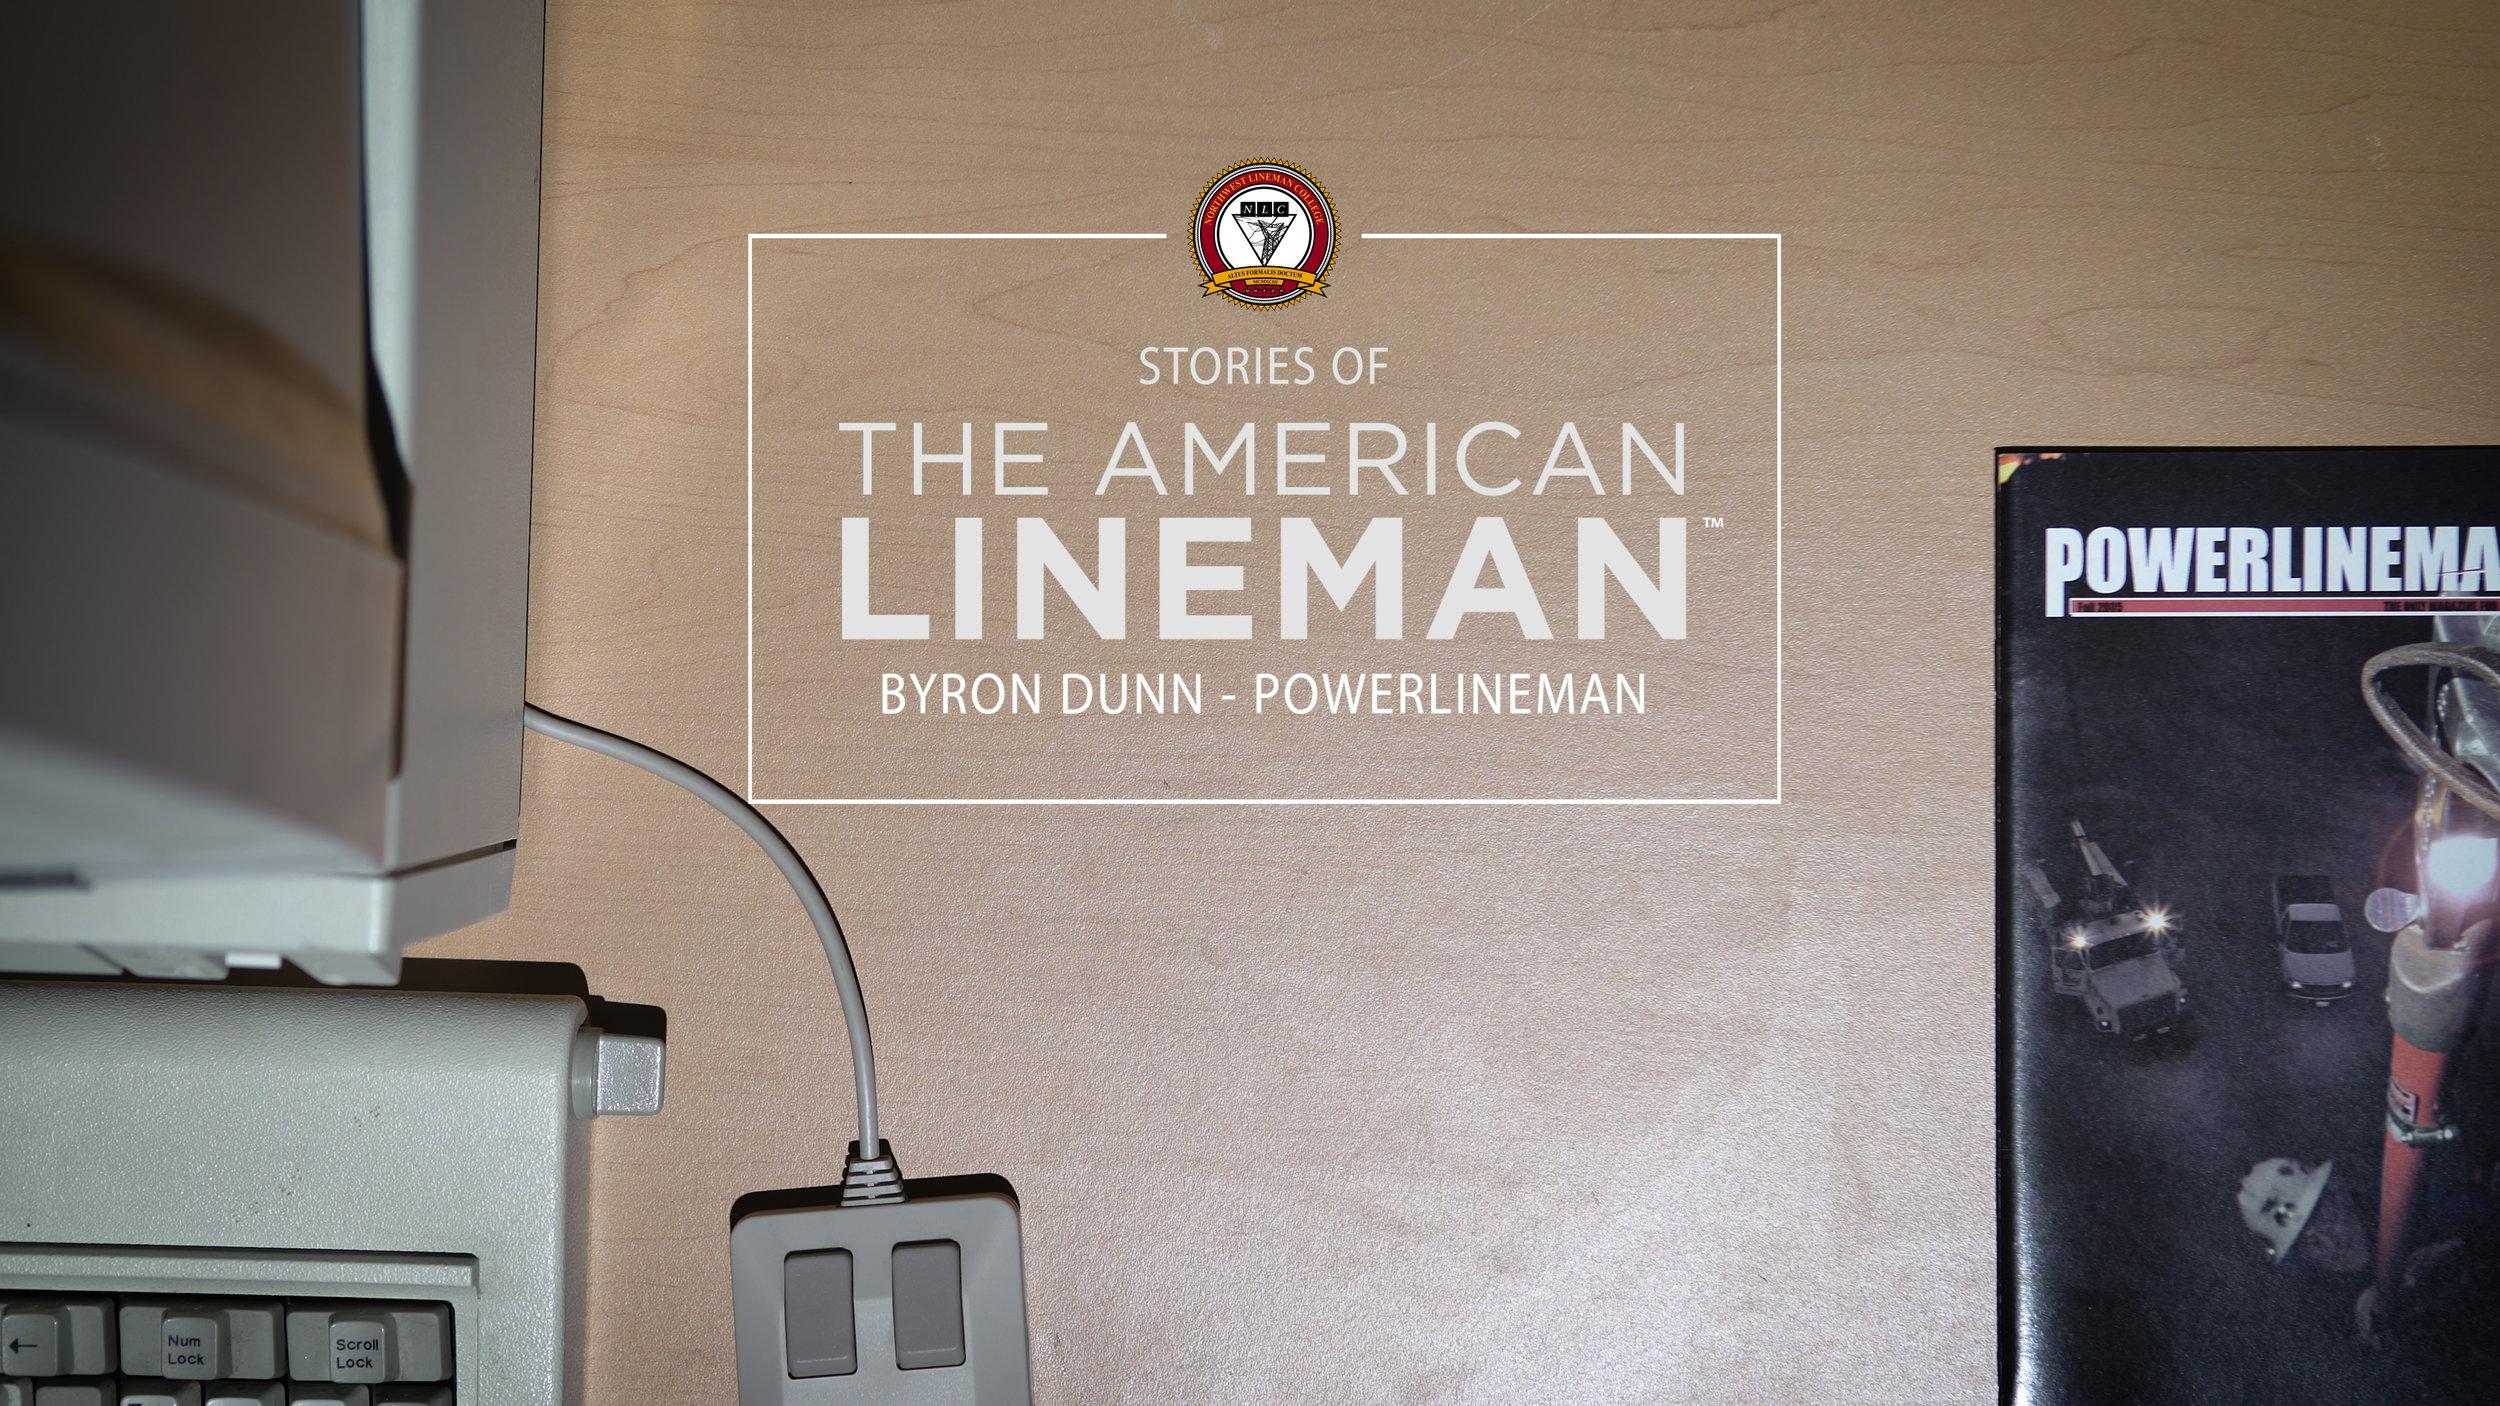 Byron Dunn - Powerlineman